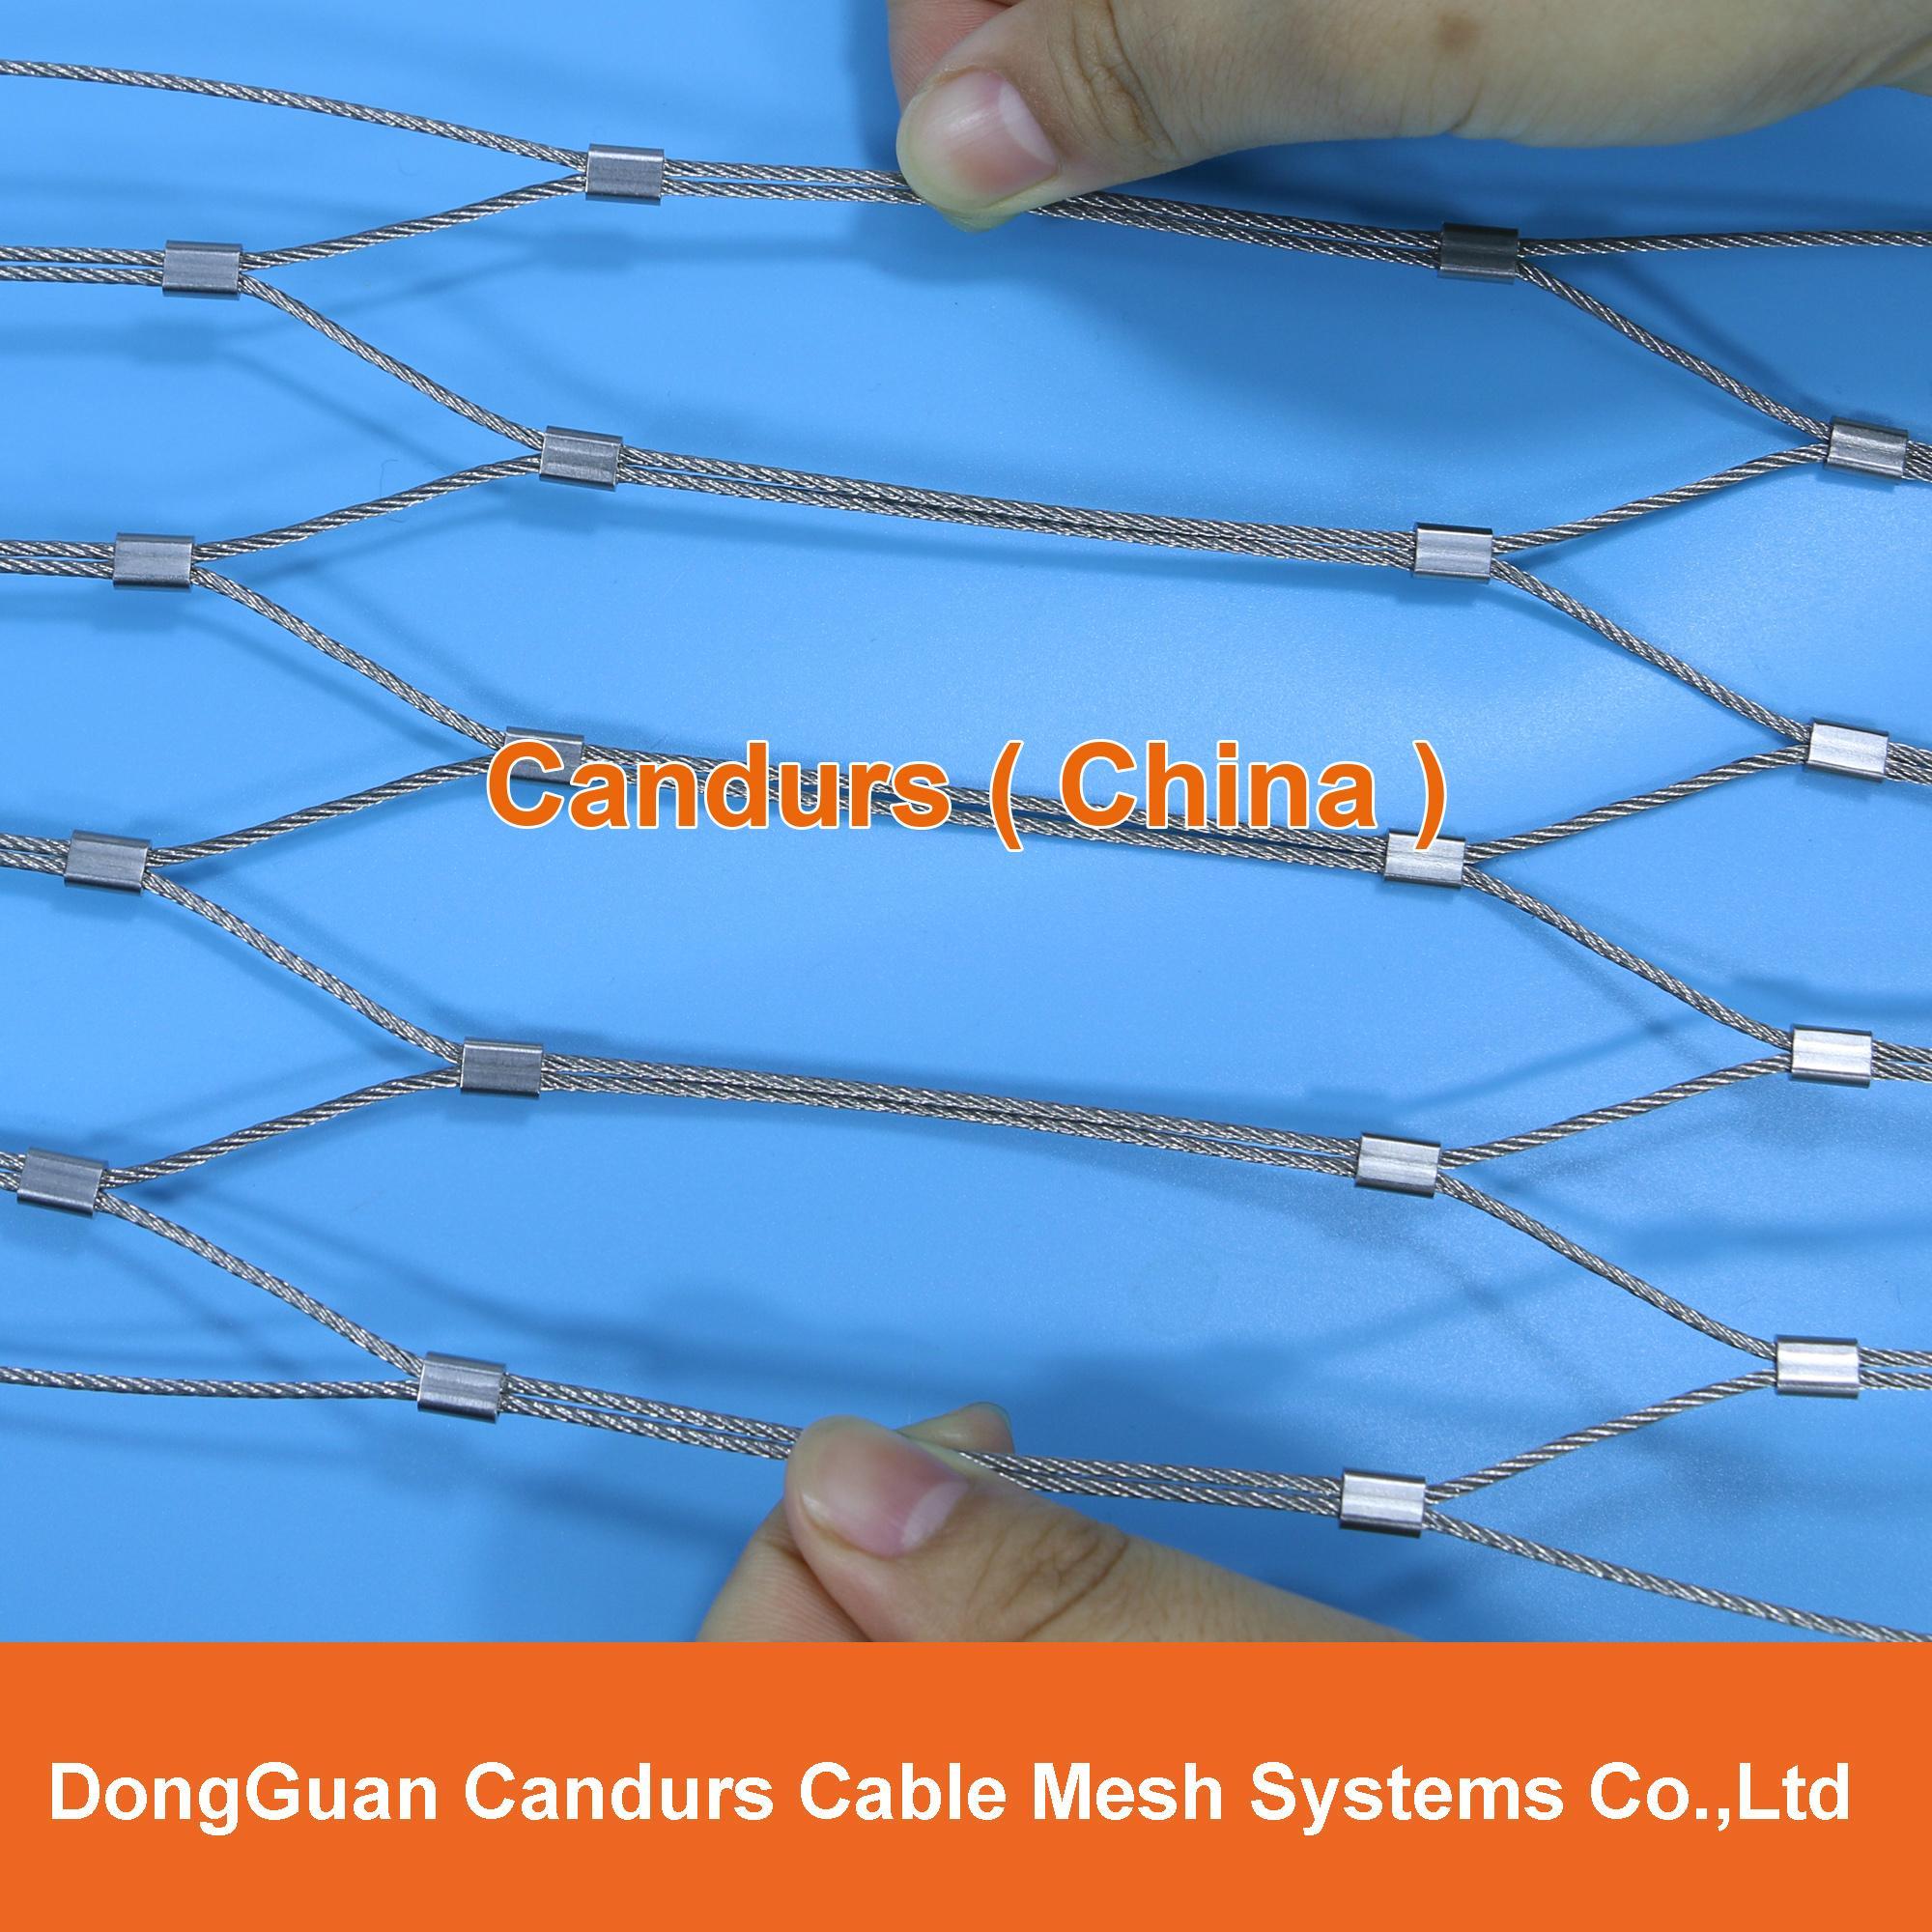 不鏽鋼絲繩隔離網 7